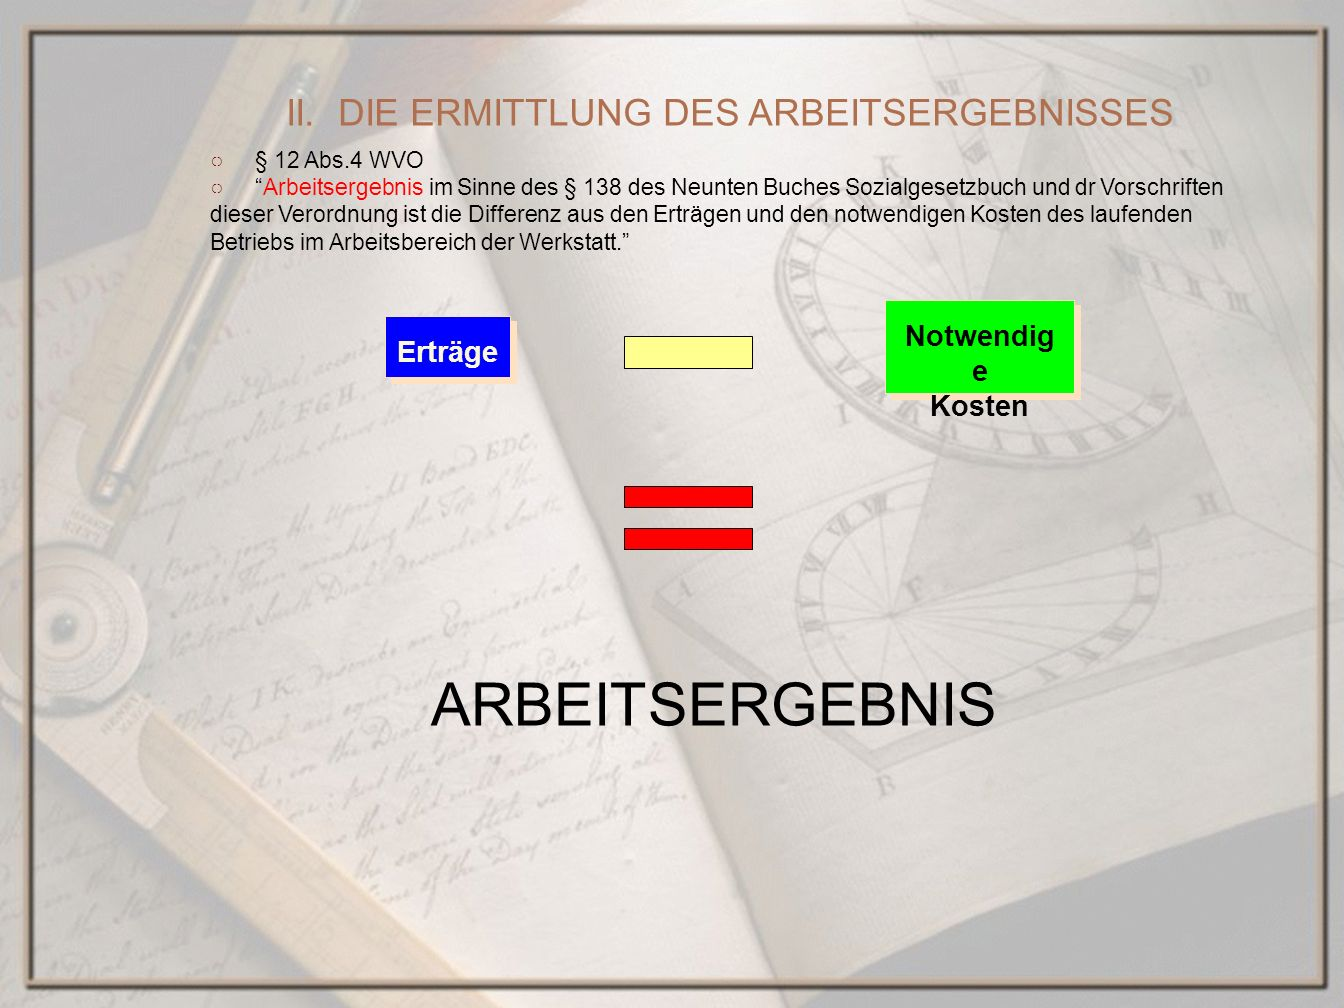 II. DIE ERMITTLUNG DES ARBEITSERGEBNISSES